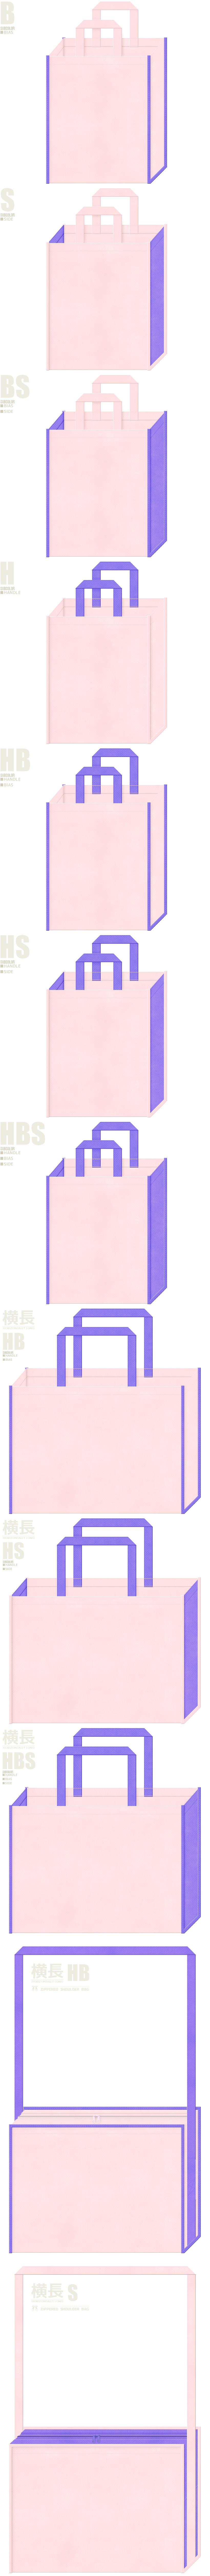 保育・福祉・介護・医療・ドリーミー・プリティー・ファンシー・プリンセス・マーメイド・パステルカラー・ガーリーデザインにお奨めの不織布バッグデザイン:桜色と薄紫色の配色7パターン。